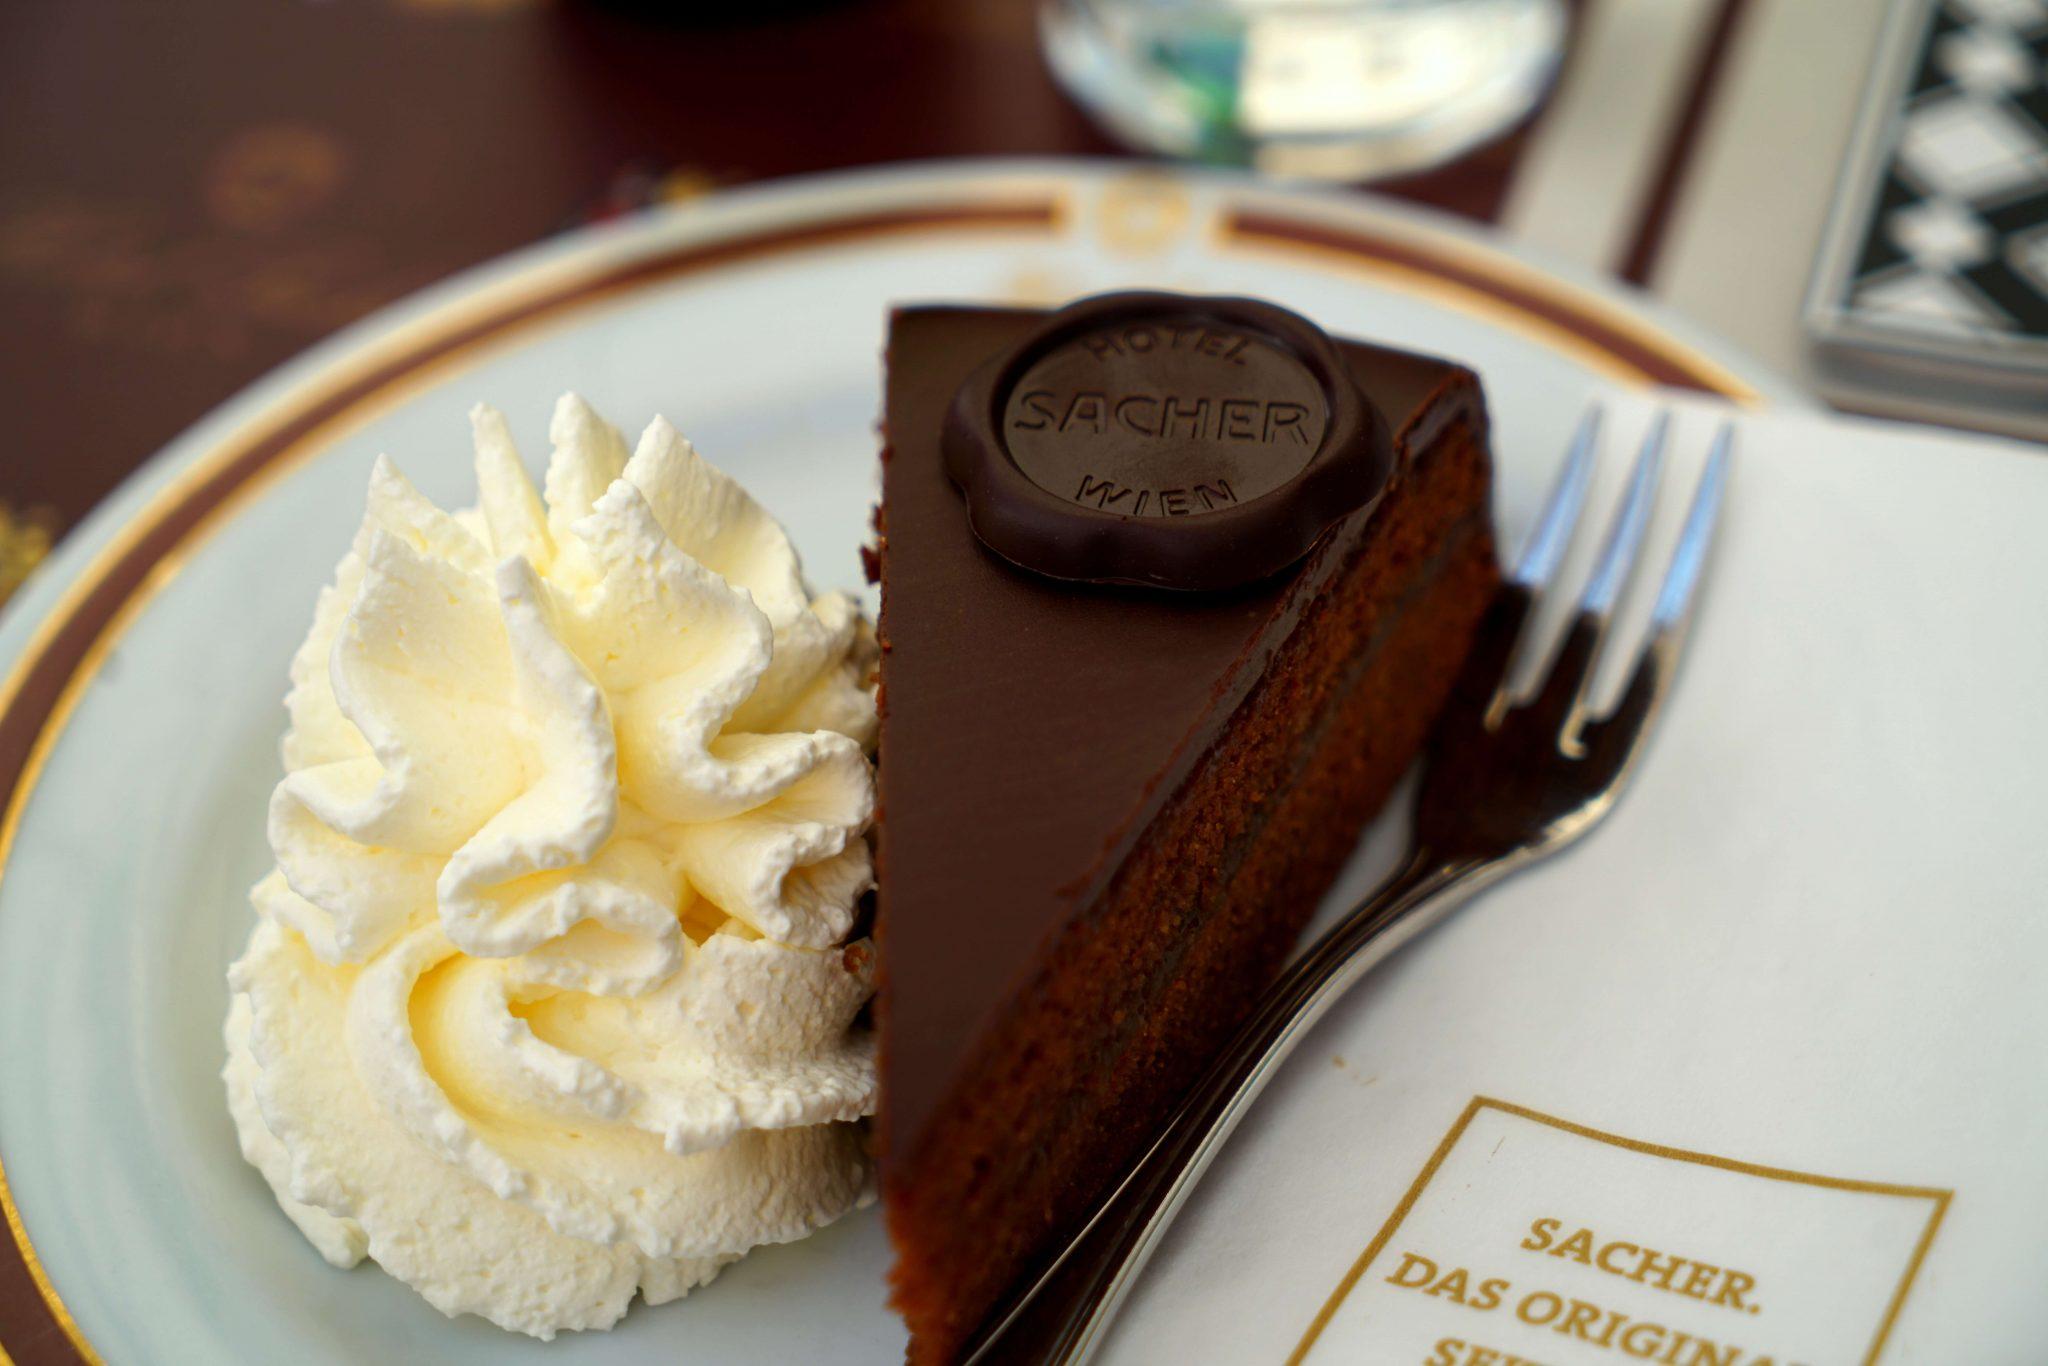 Ricette dal mondo: fetta triangolare di torta al cioccolato con confettura di albicocca e panna montata